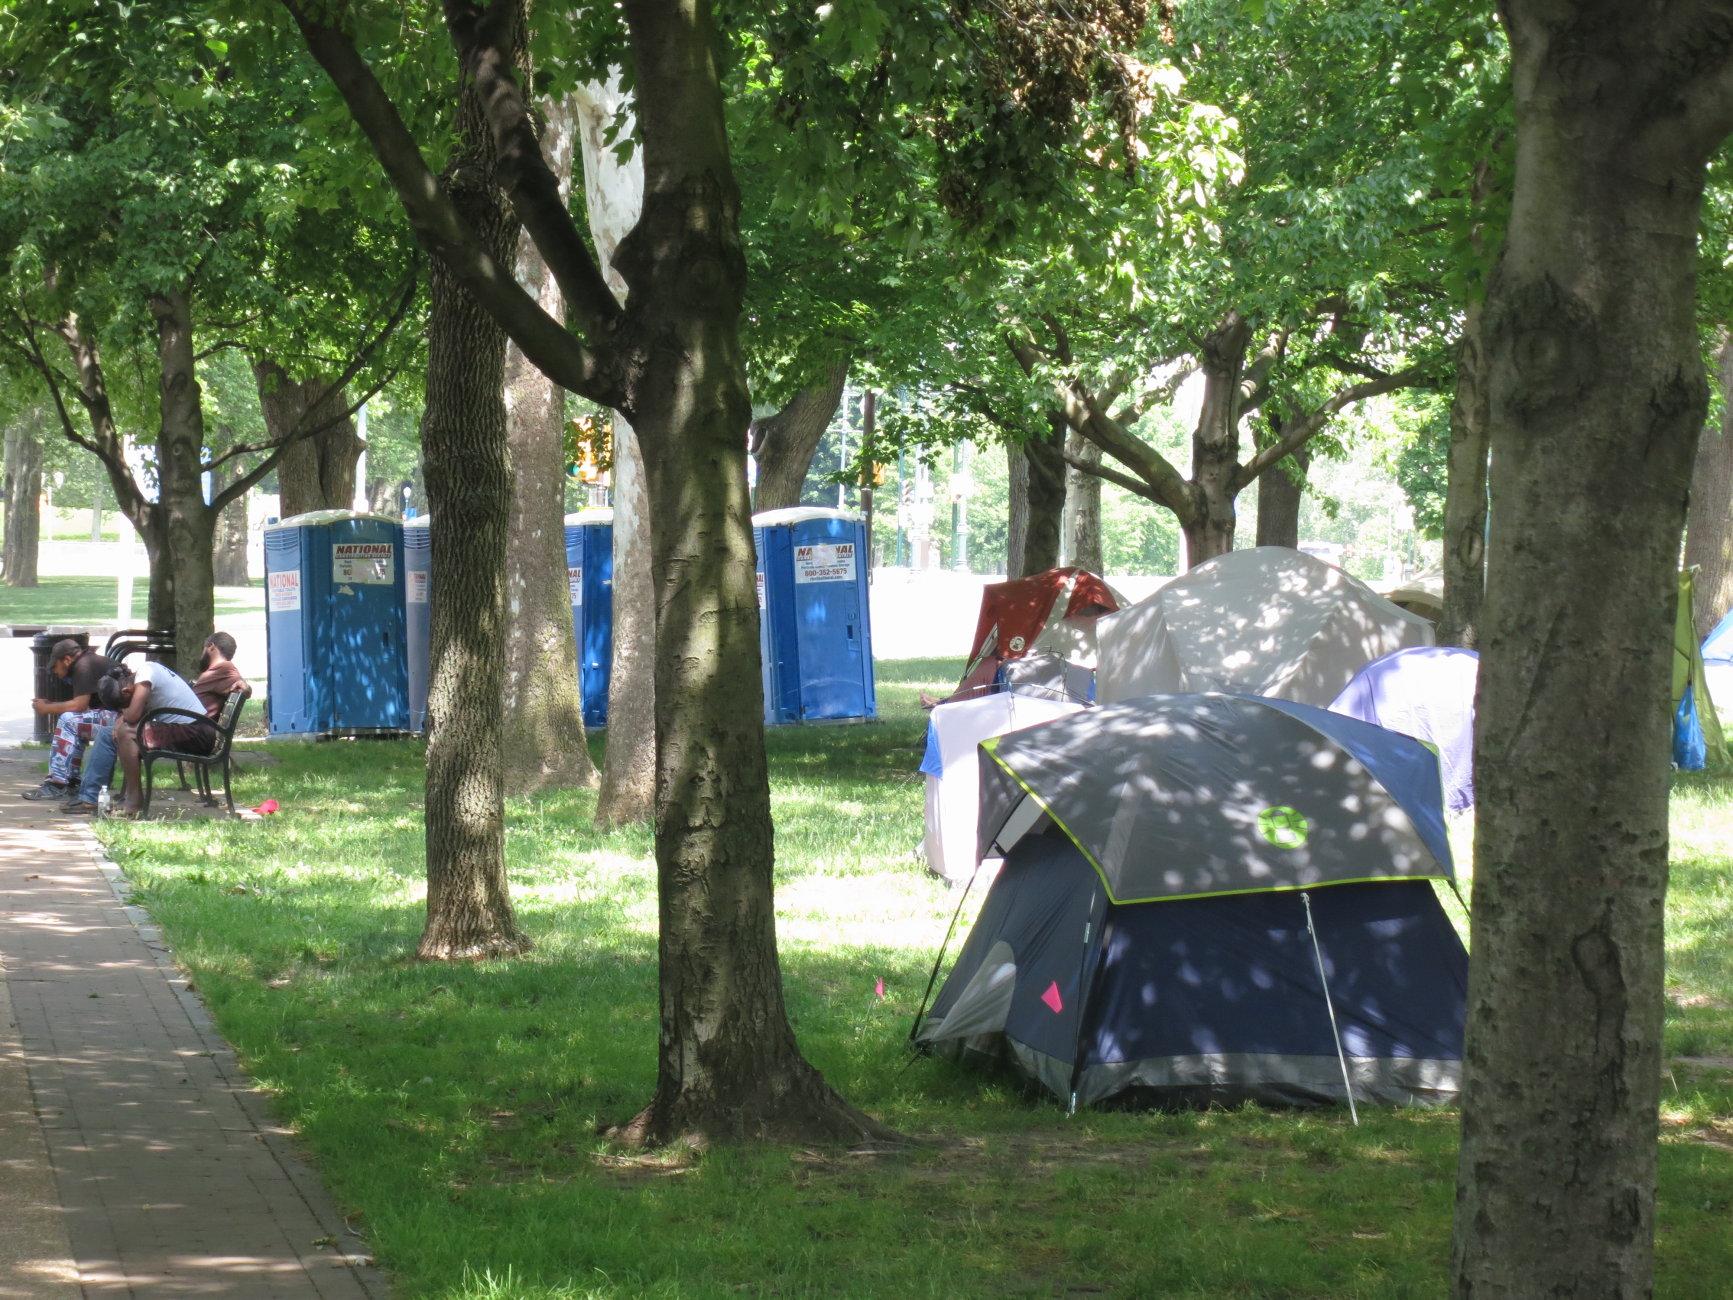 Philadelphia Homeless Encampment #3